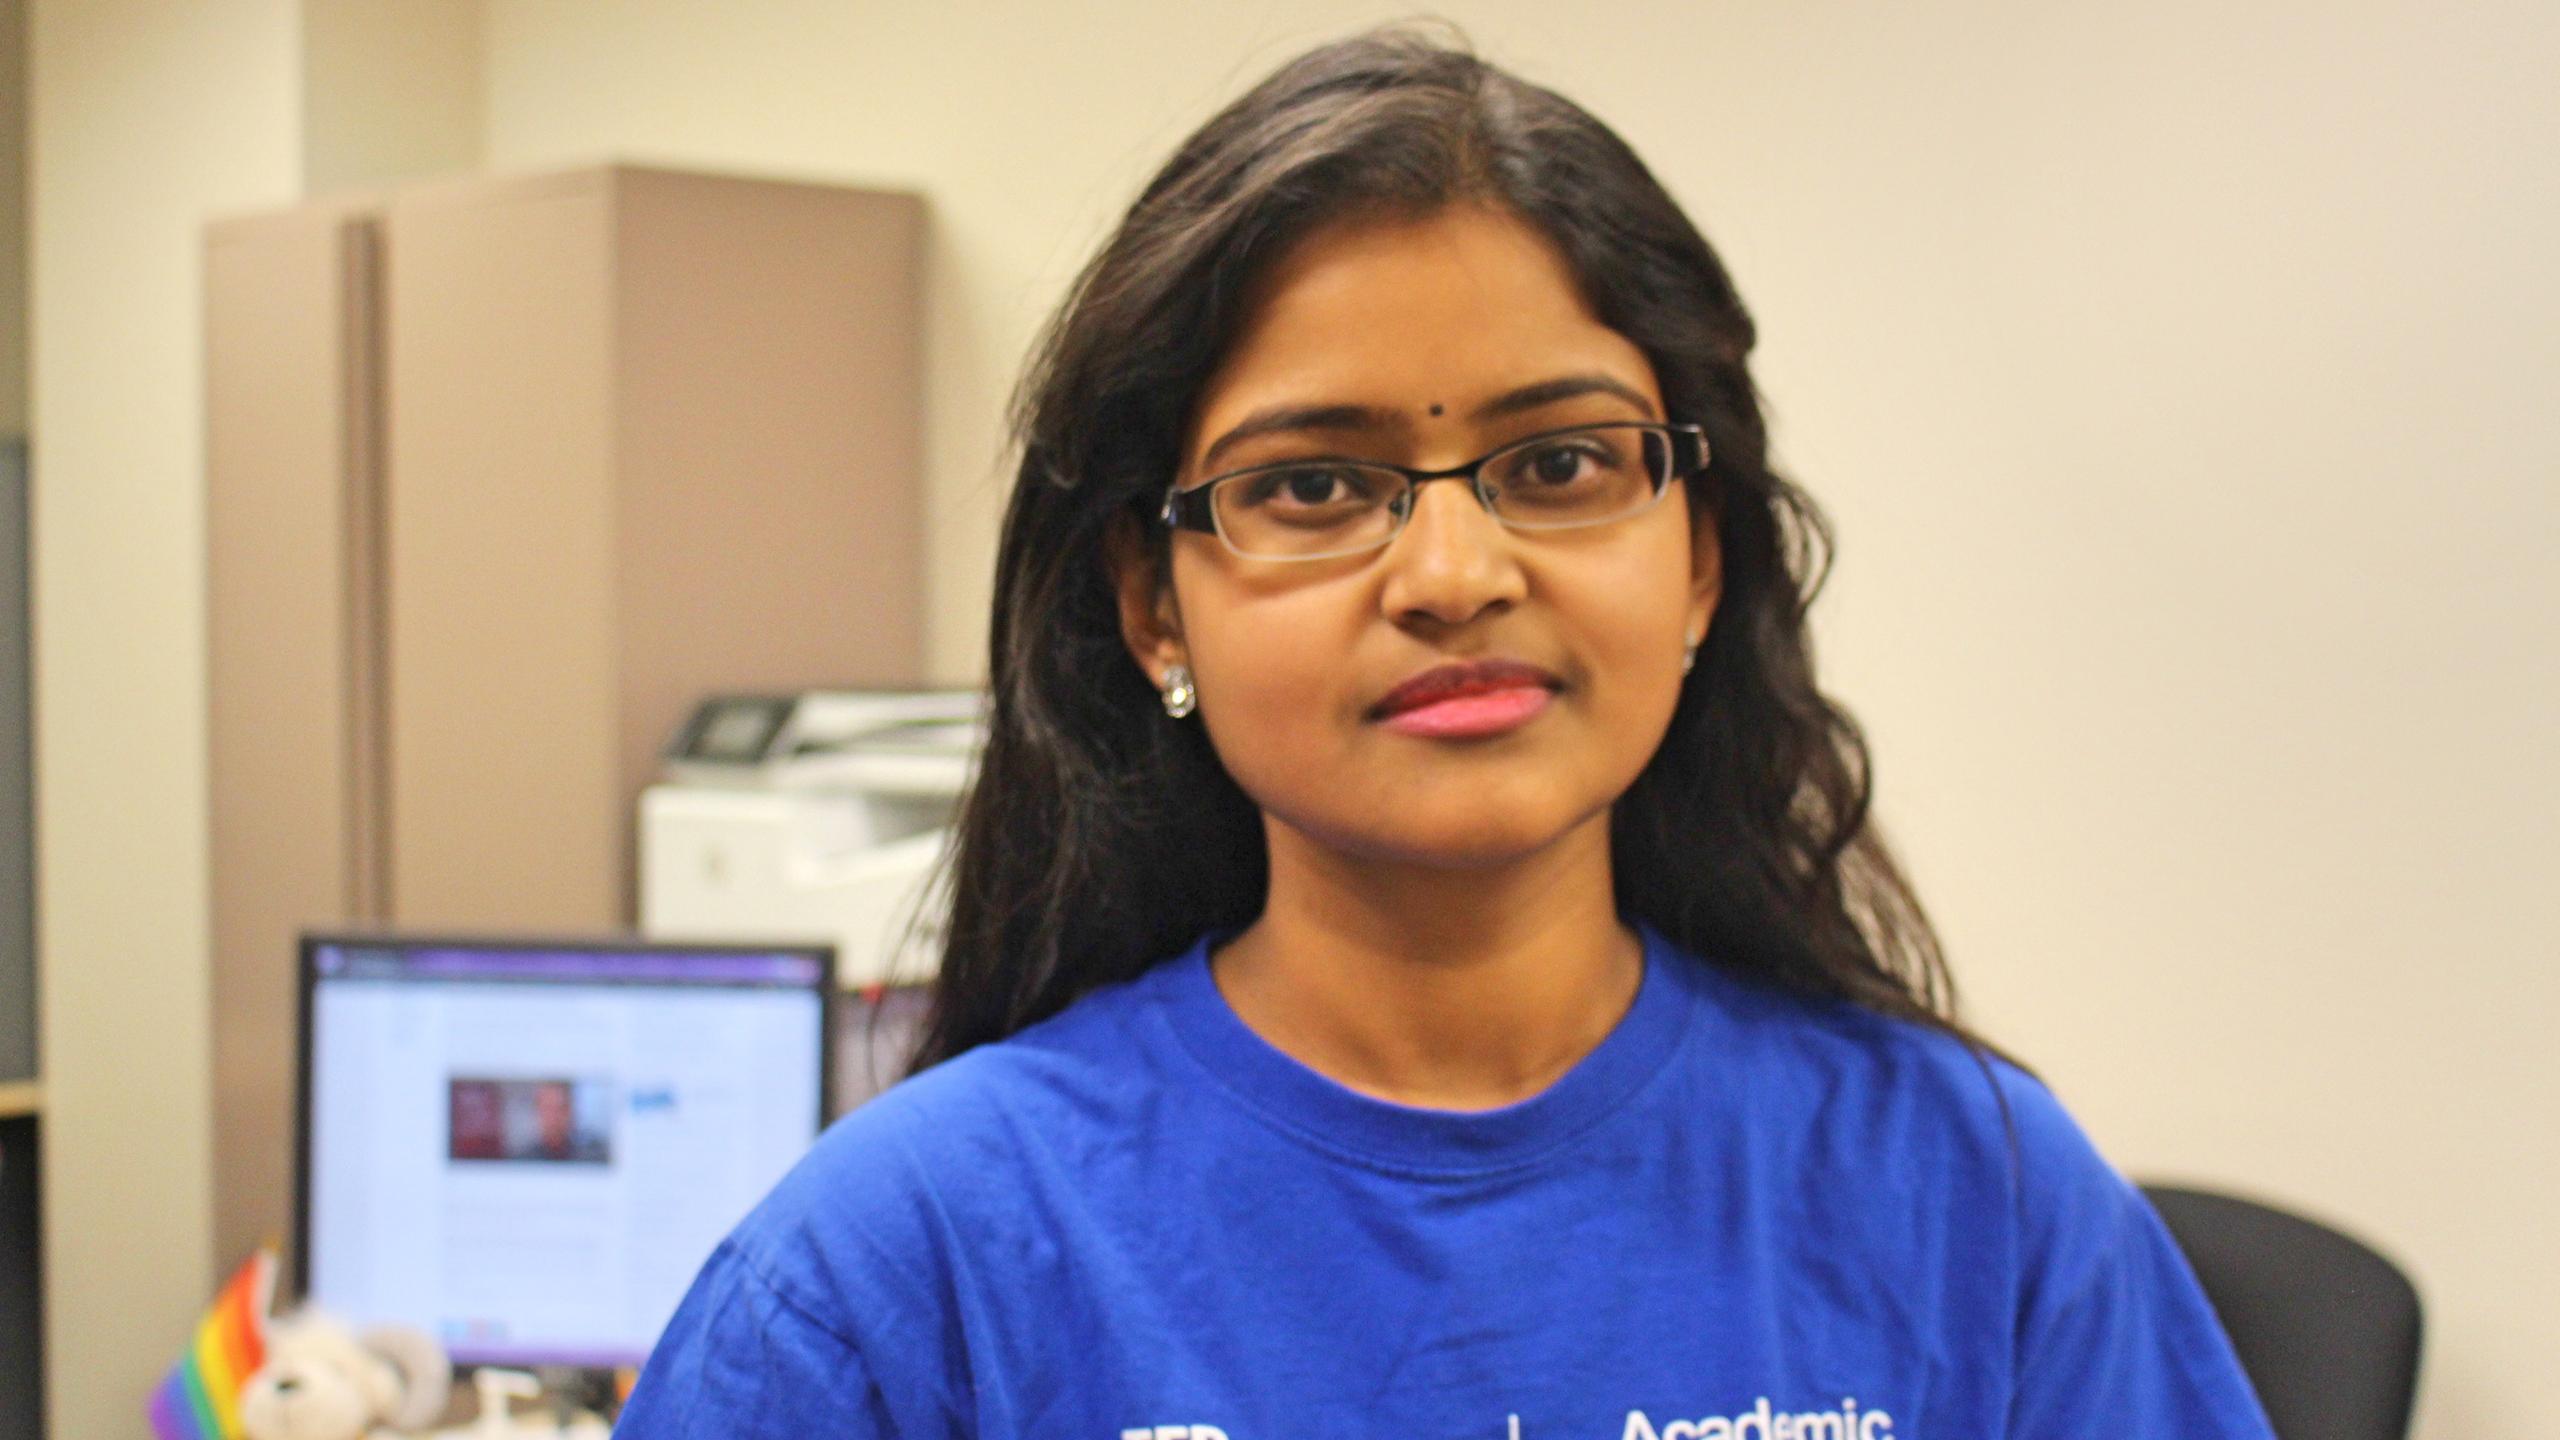 Keethica Ganeshalingam